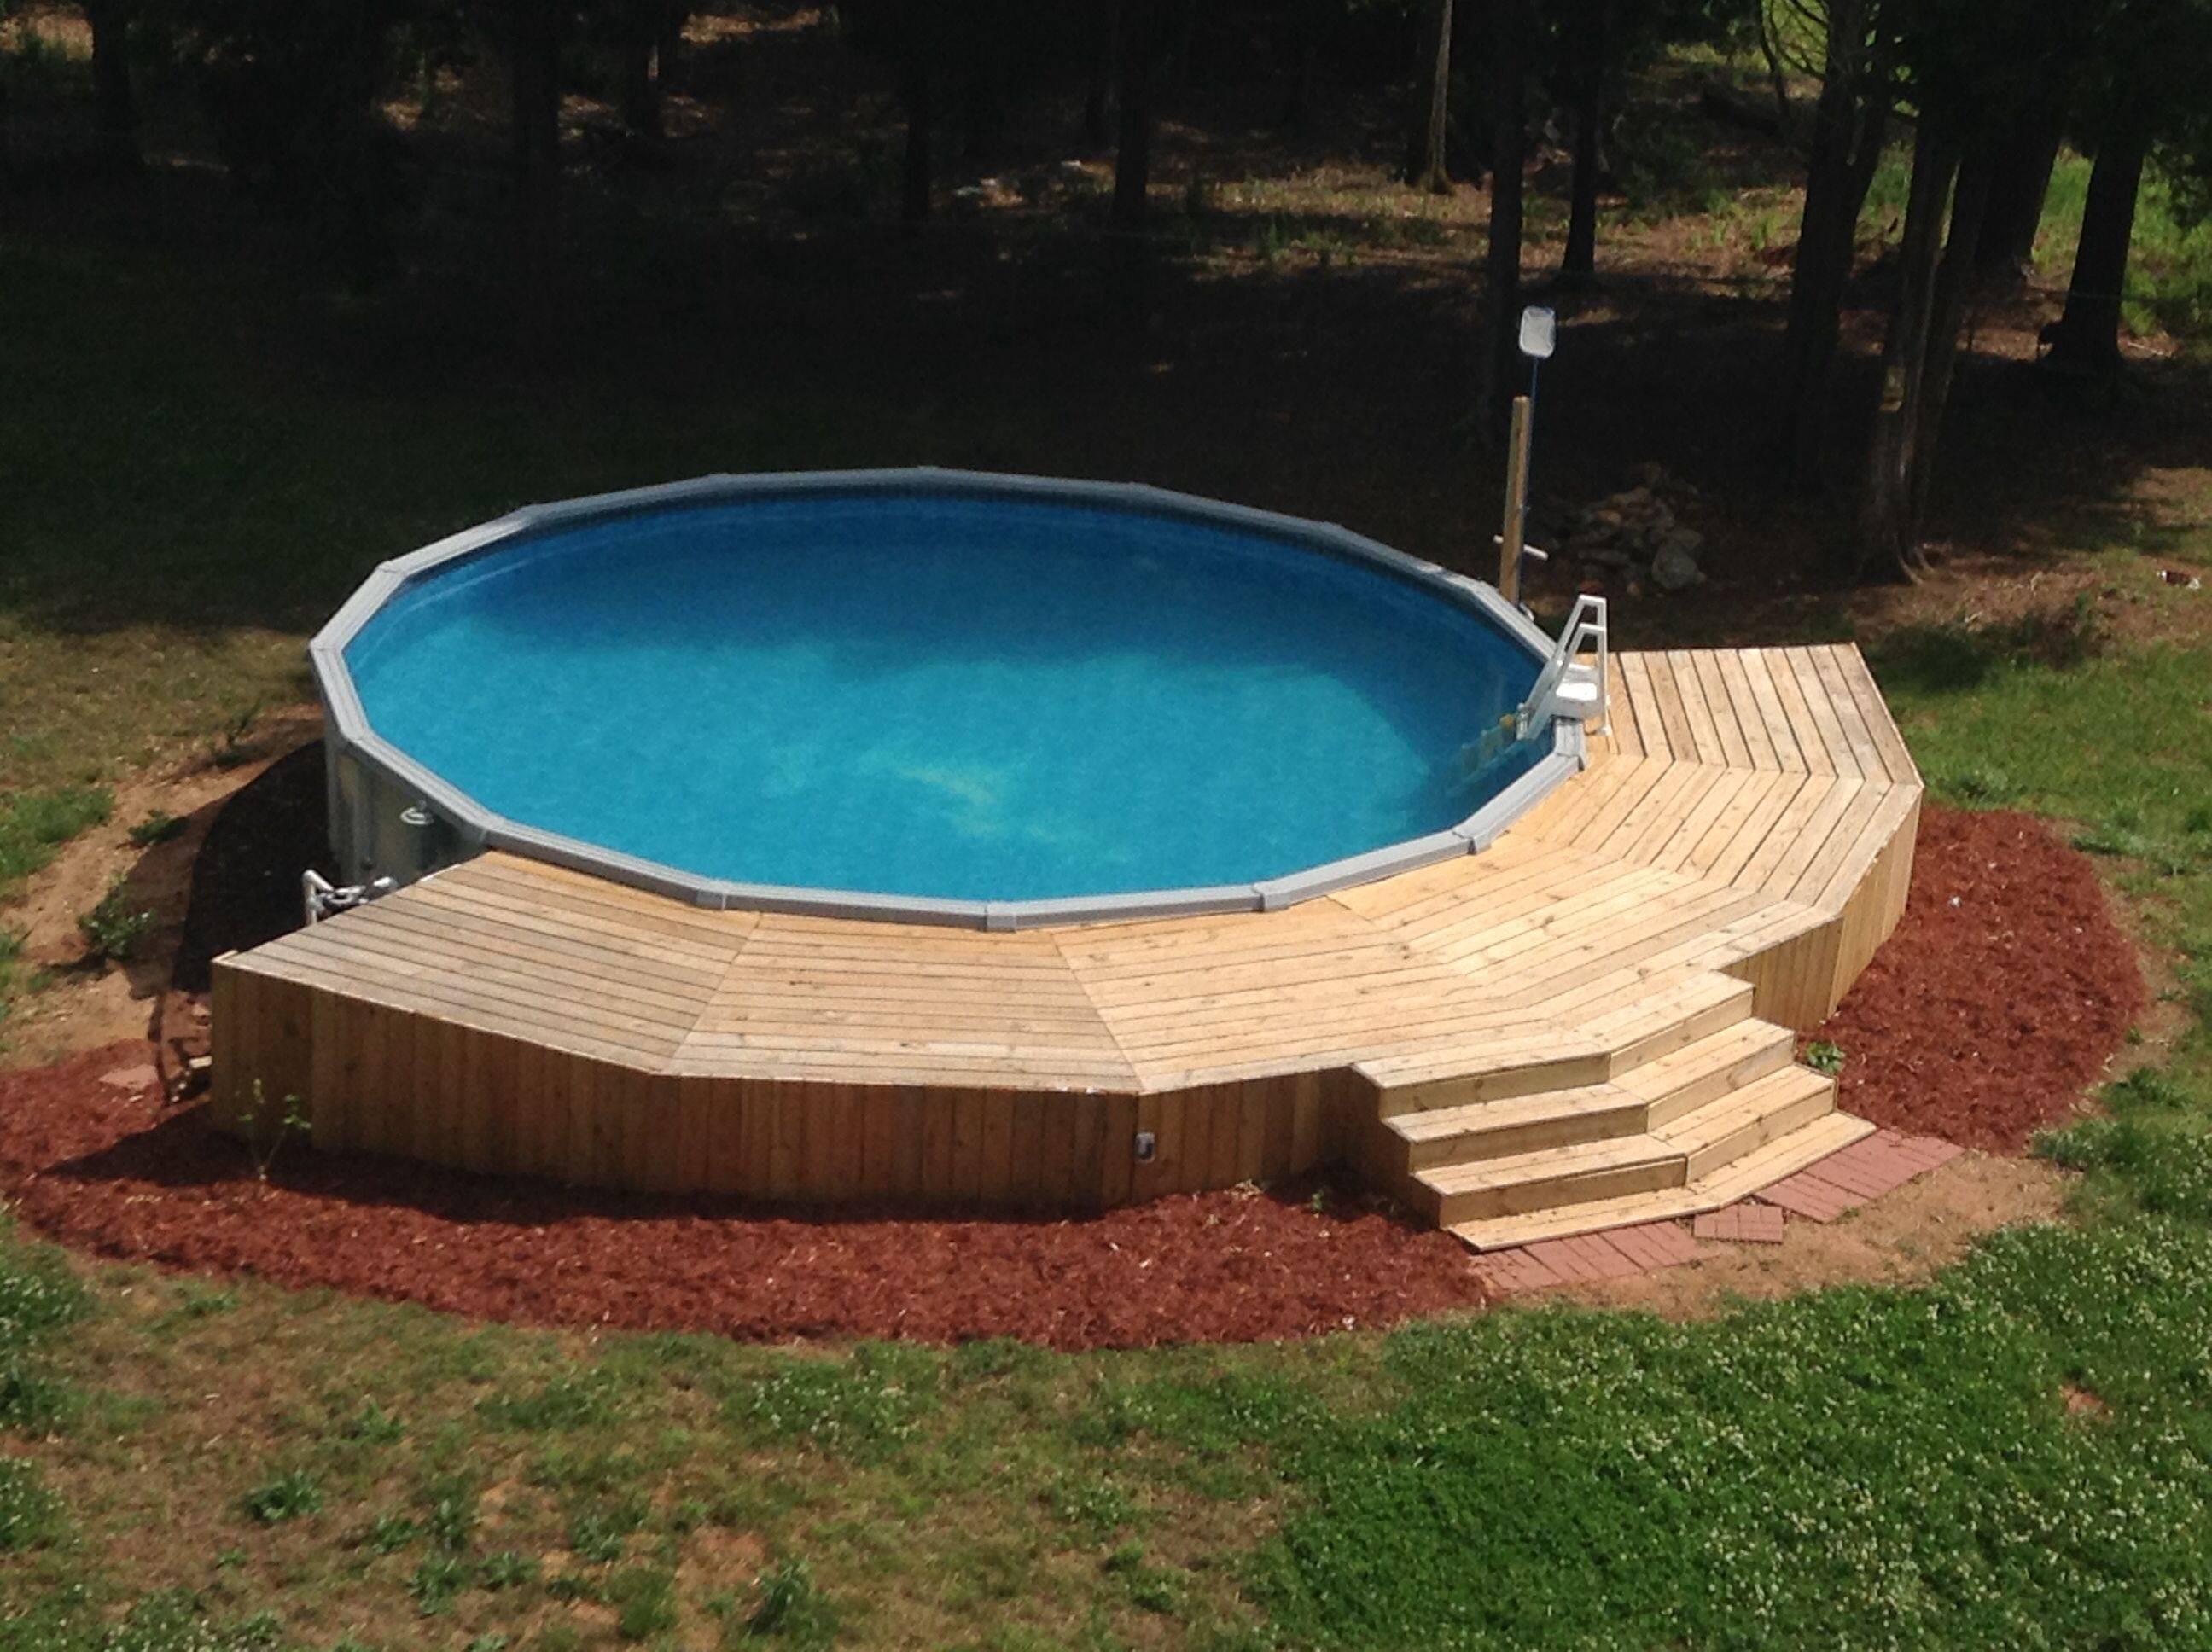 Самодельный бассейн из полипропилена: пошаговое создание с фото